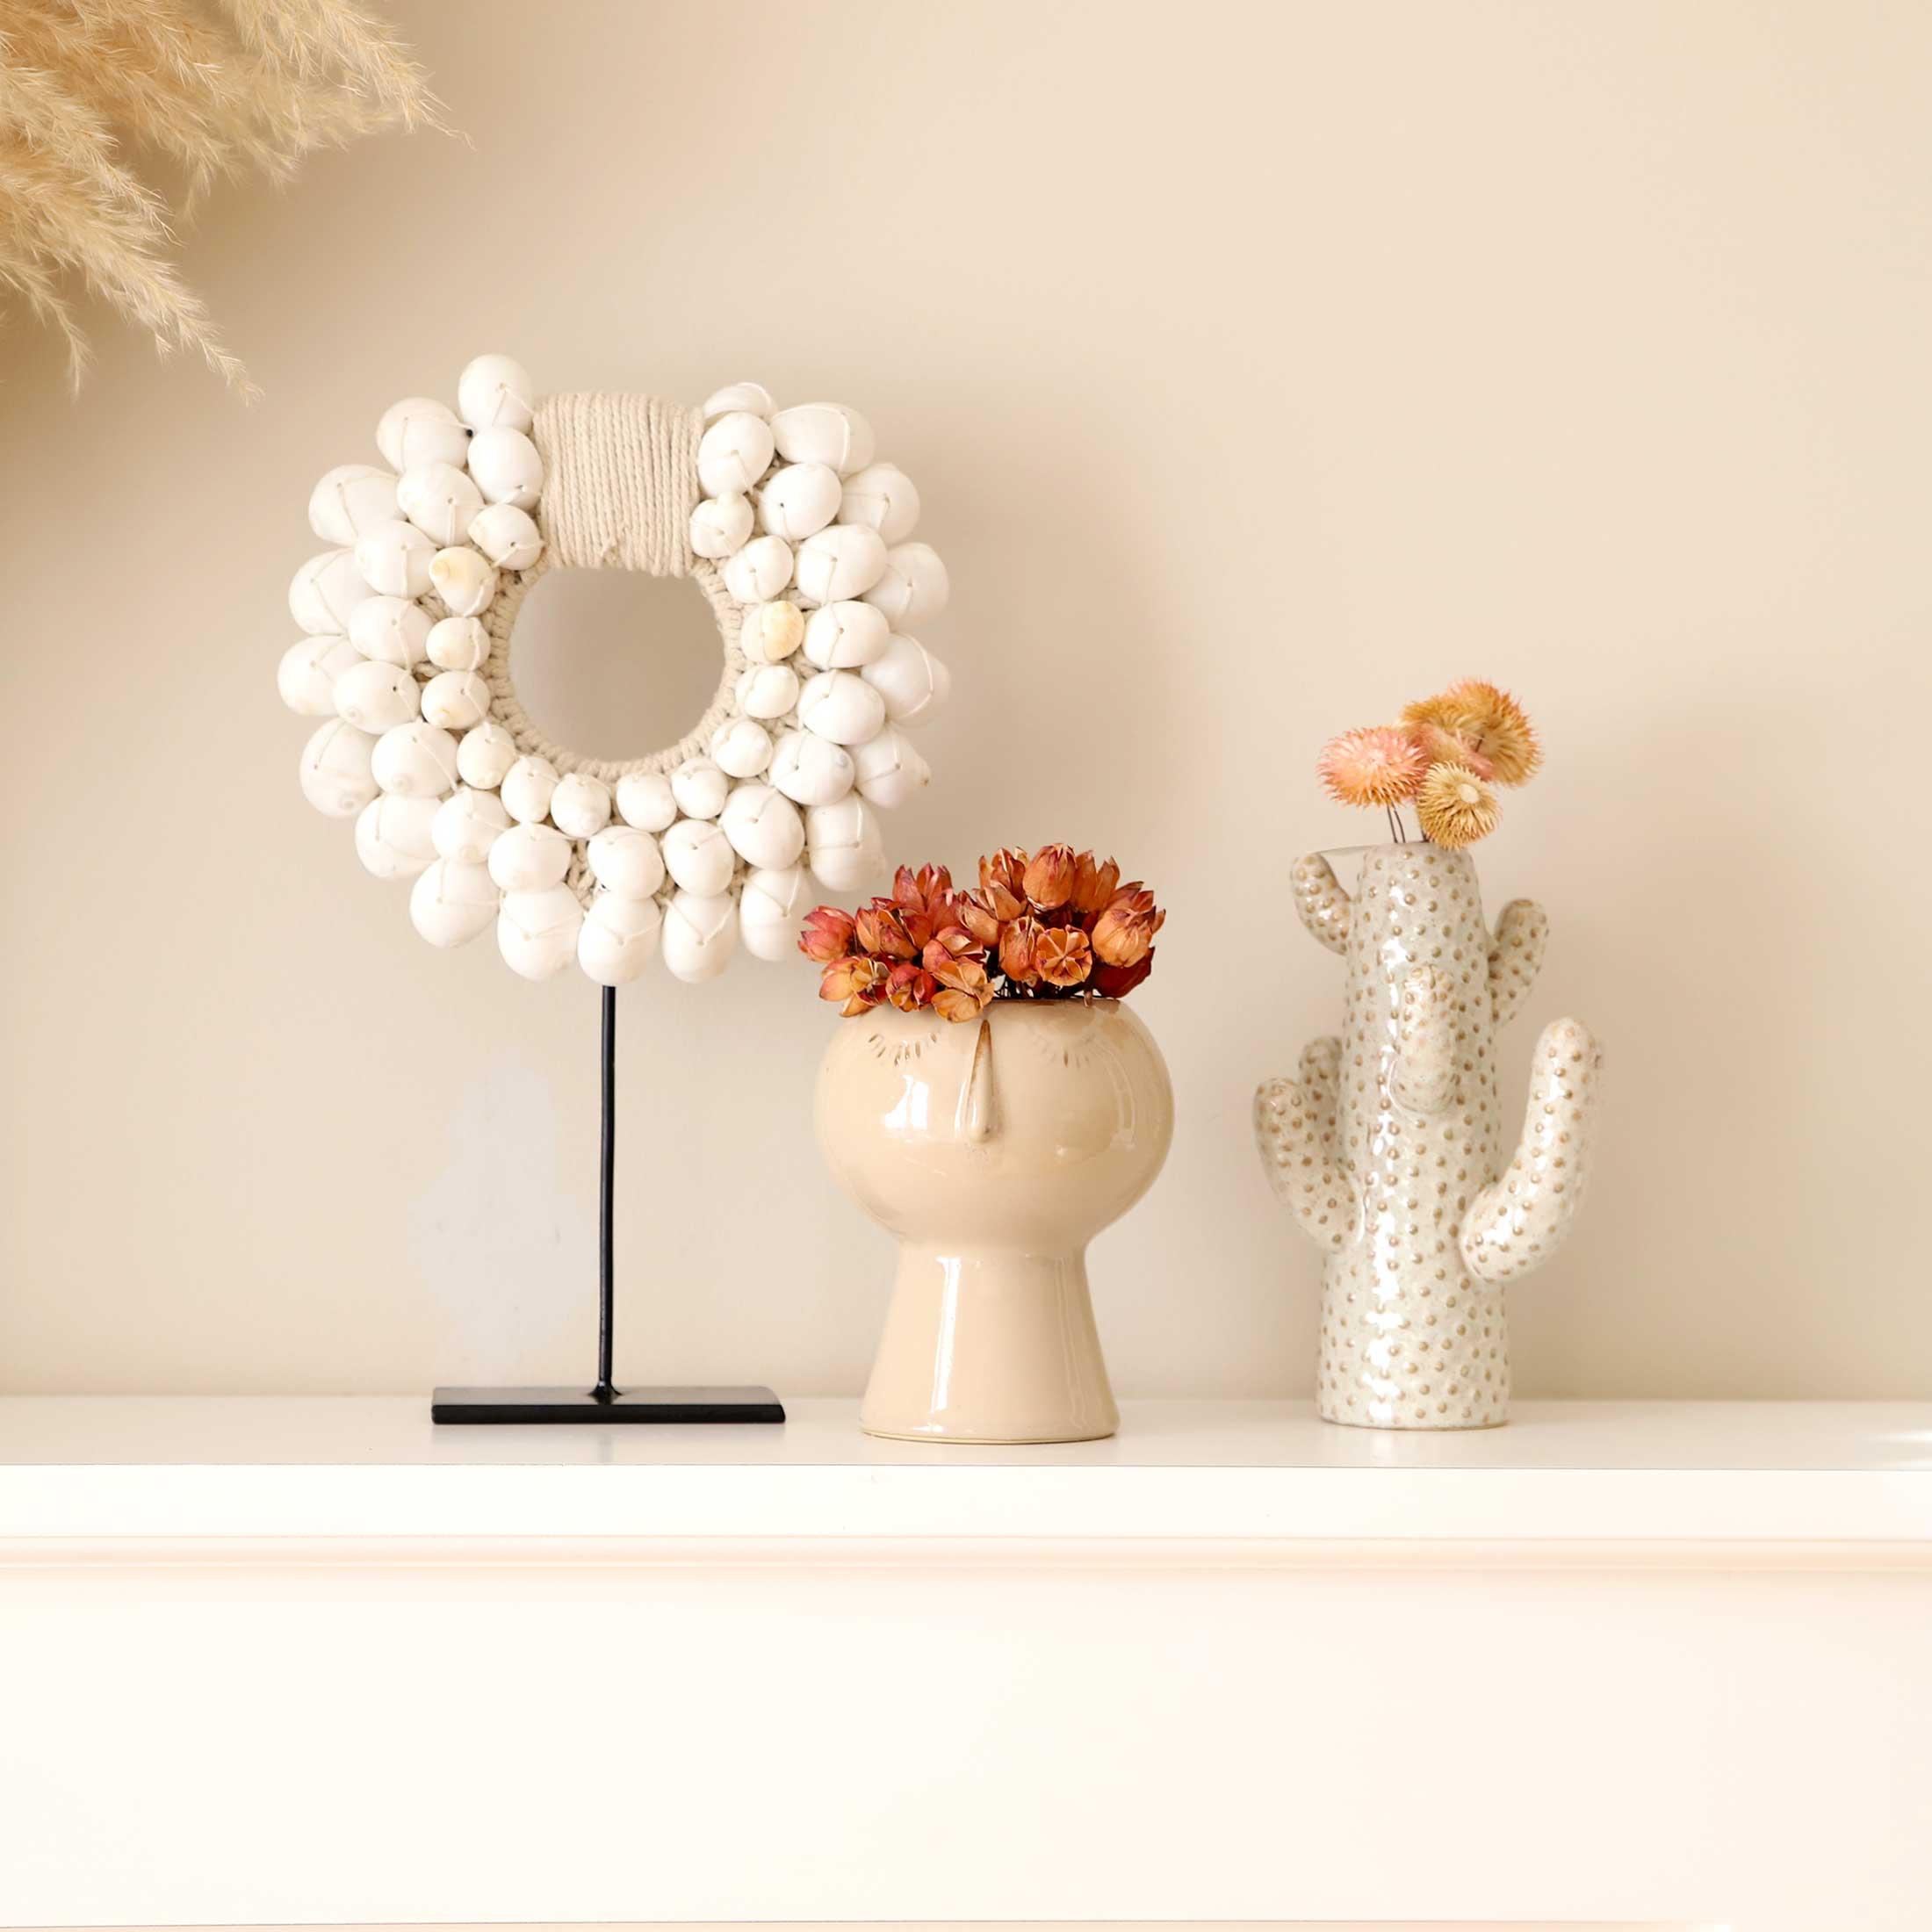 Weisse Kaktus Weiss und Blumentopf Face im Boho Style. Die Kaktus Vase von Madam Stoltz ist eine besondere Tischdeko im Bohemian Stil | Soulbirdee Onlineshop